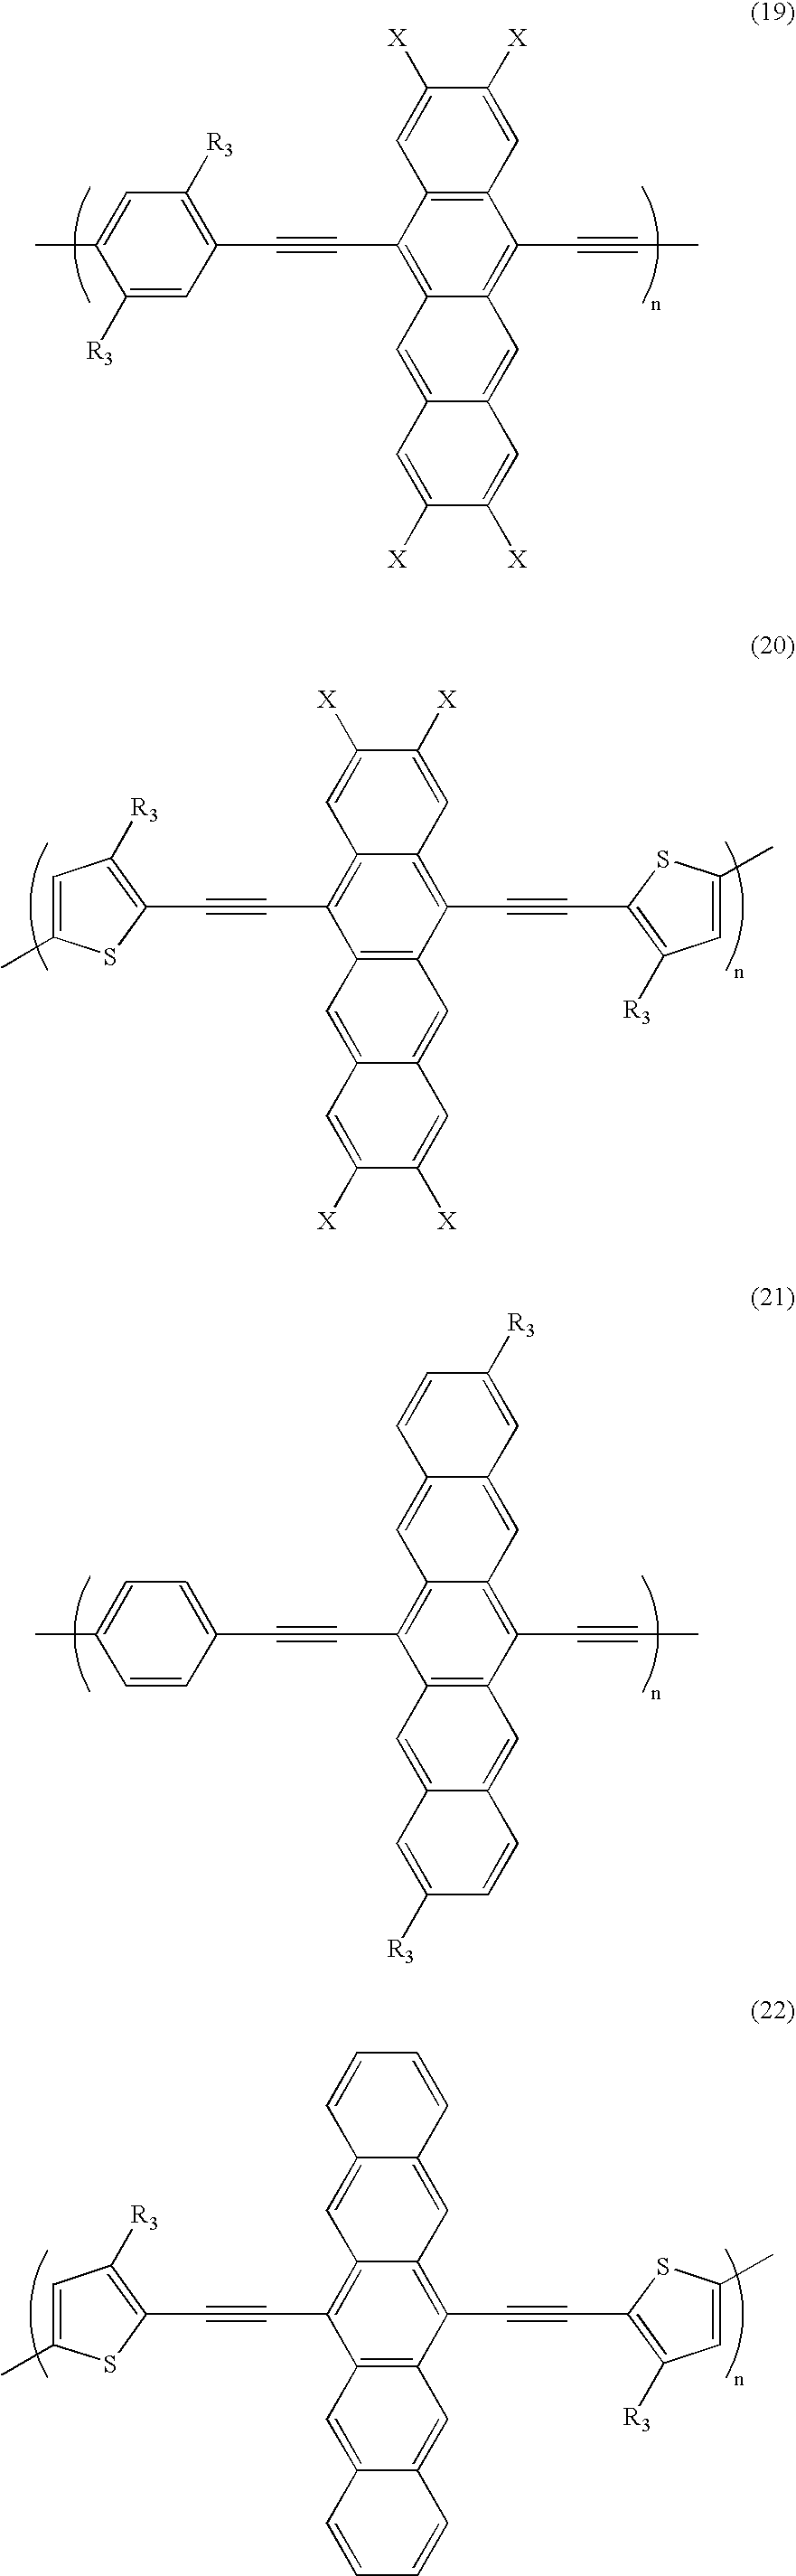 Figure US20070235725A1-20071011-C00022